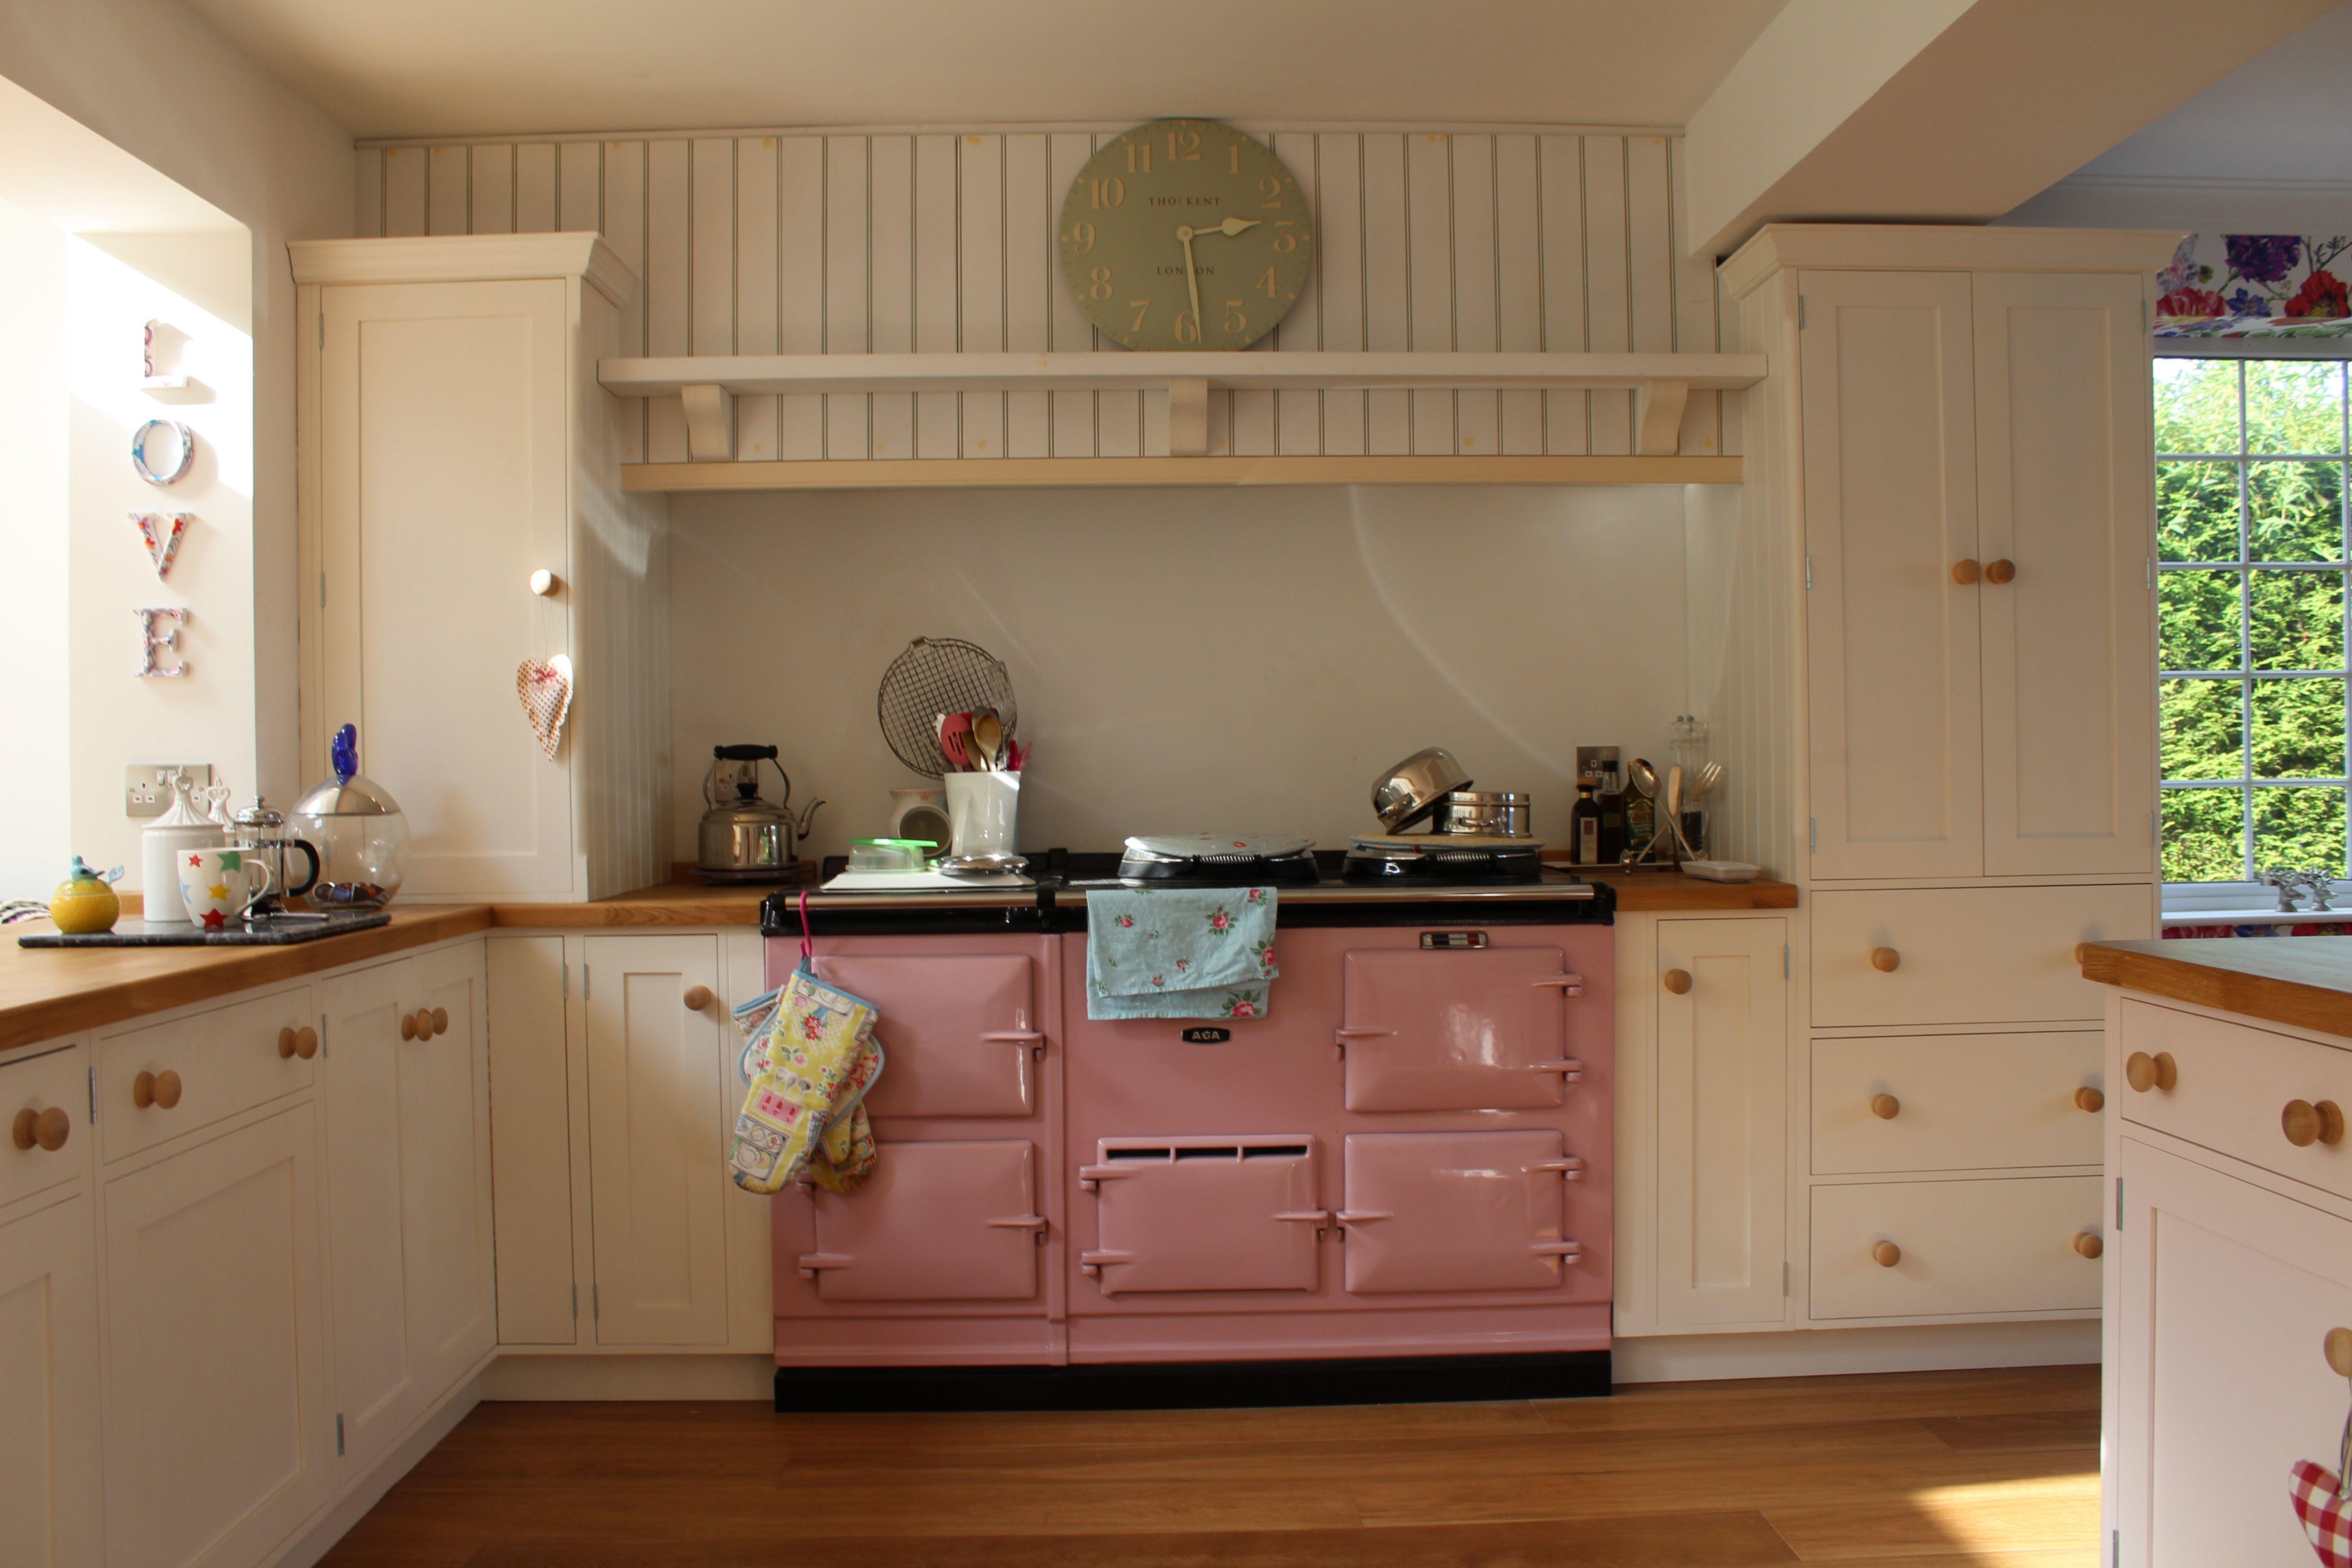 Moderno Cocinas Shaker Cirencester Cresta - Como Decorar la Cocina ...